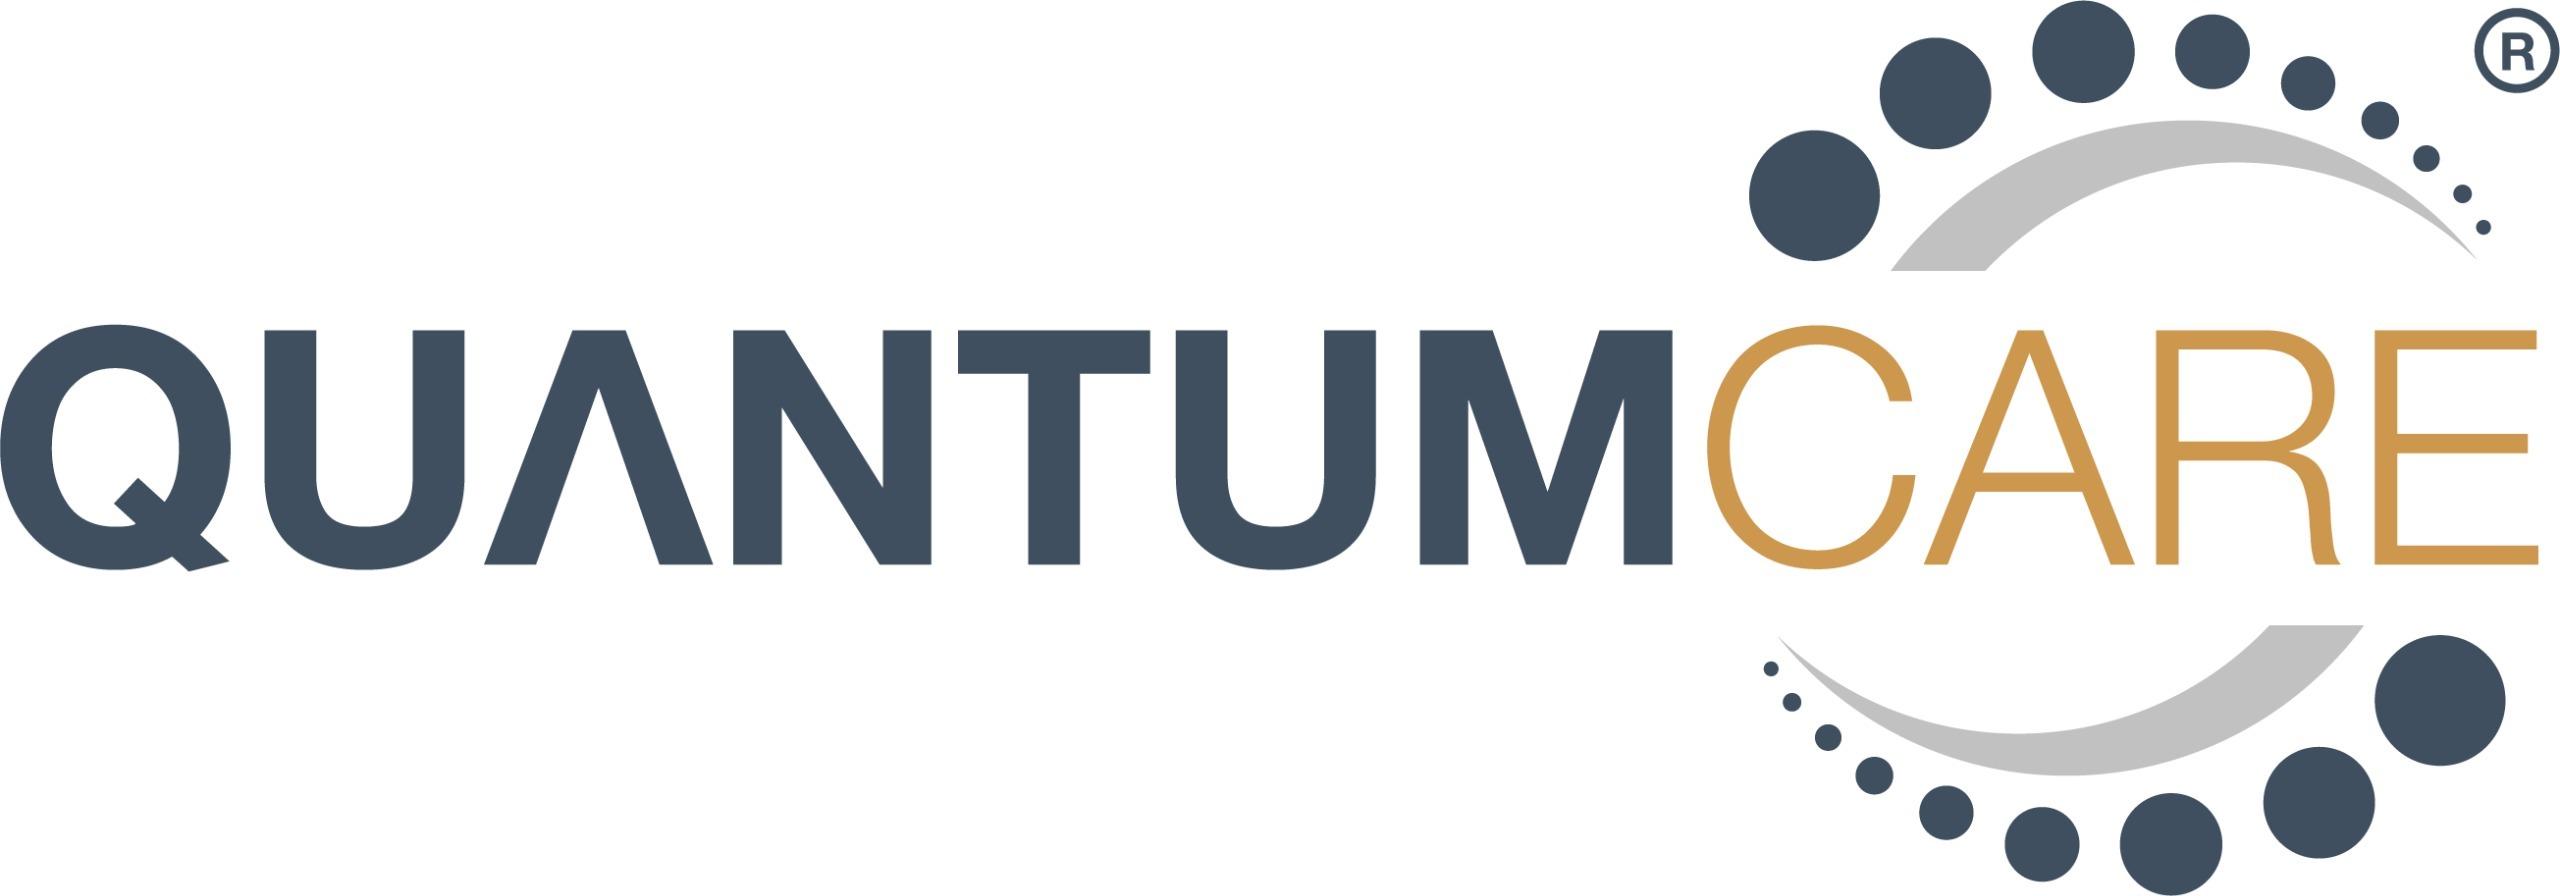 Quantumcare (@quantumcare) Cover Image